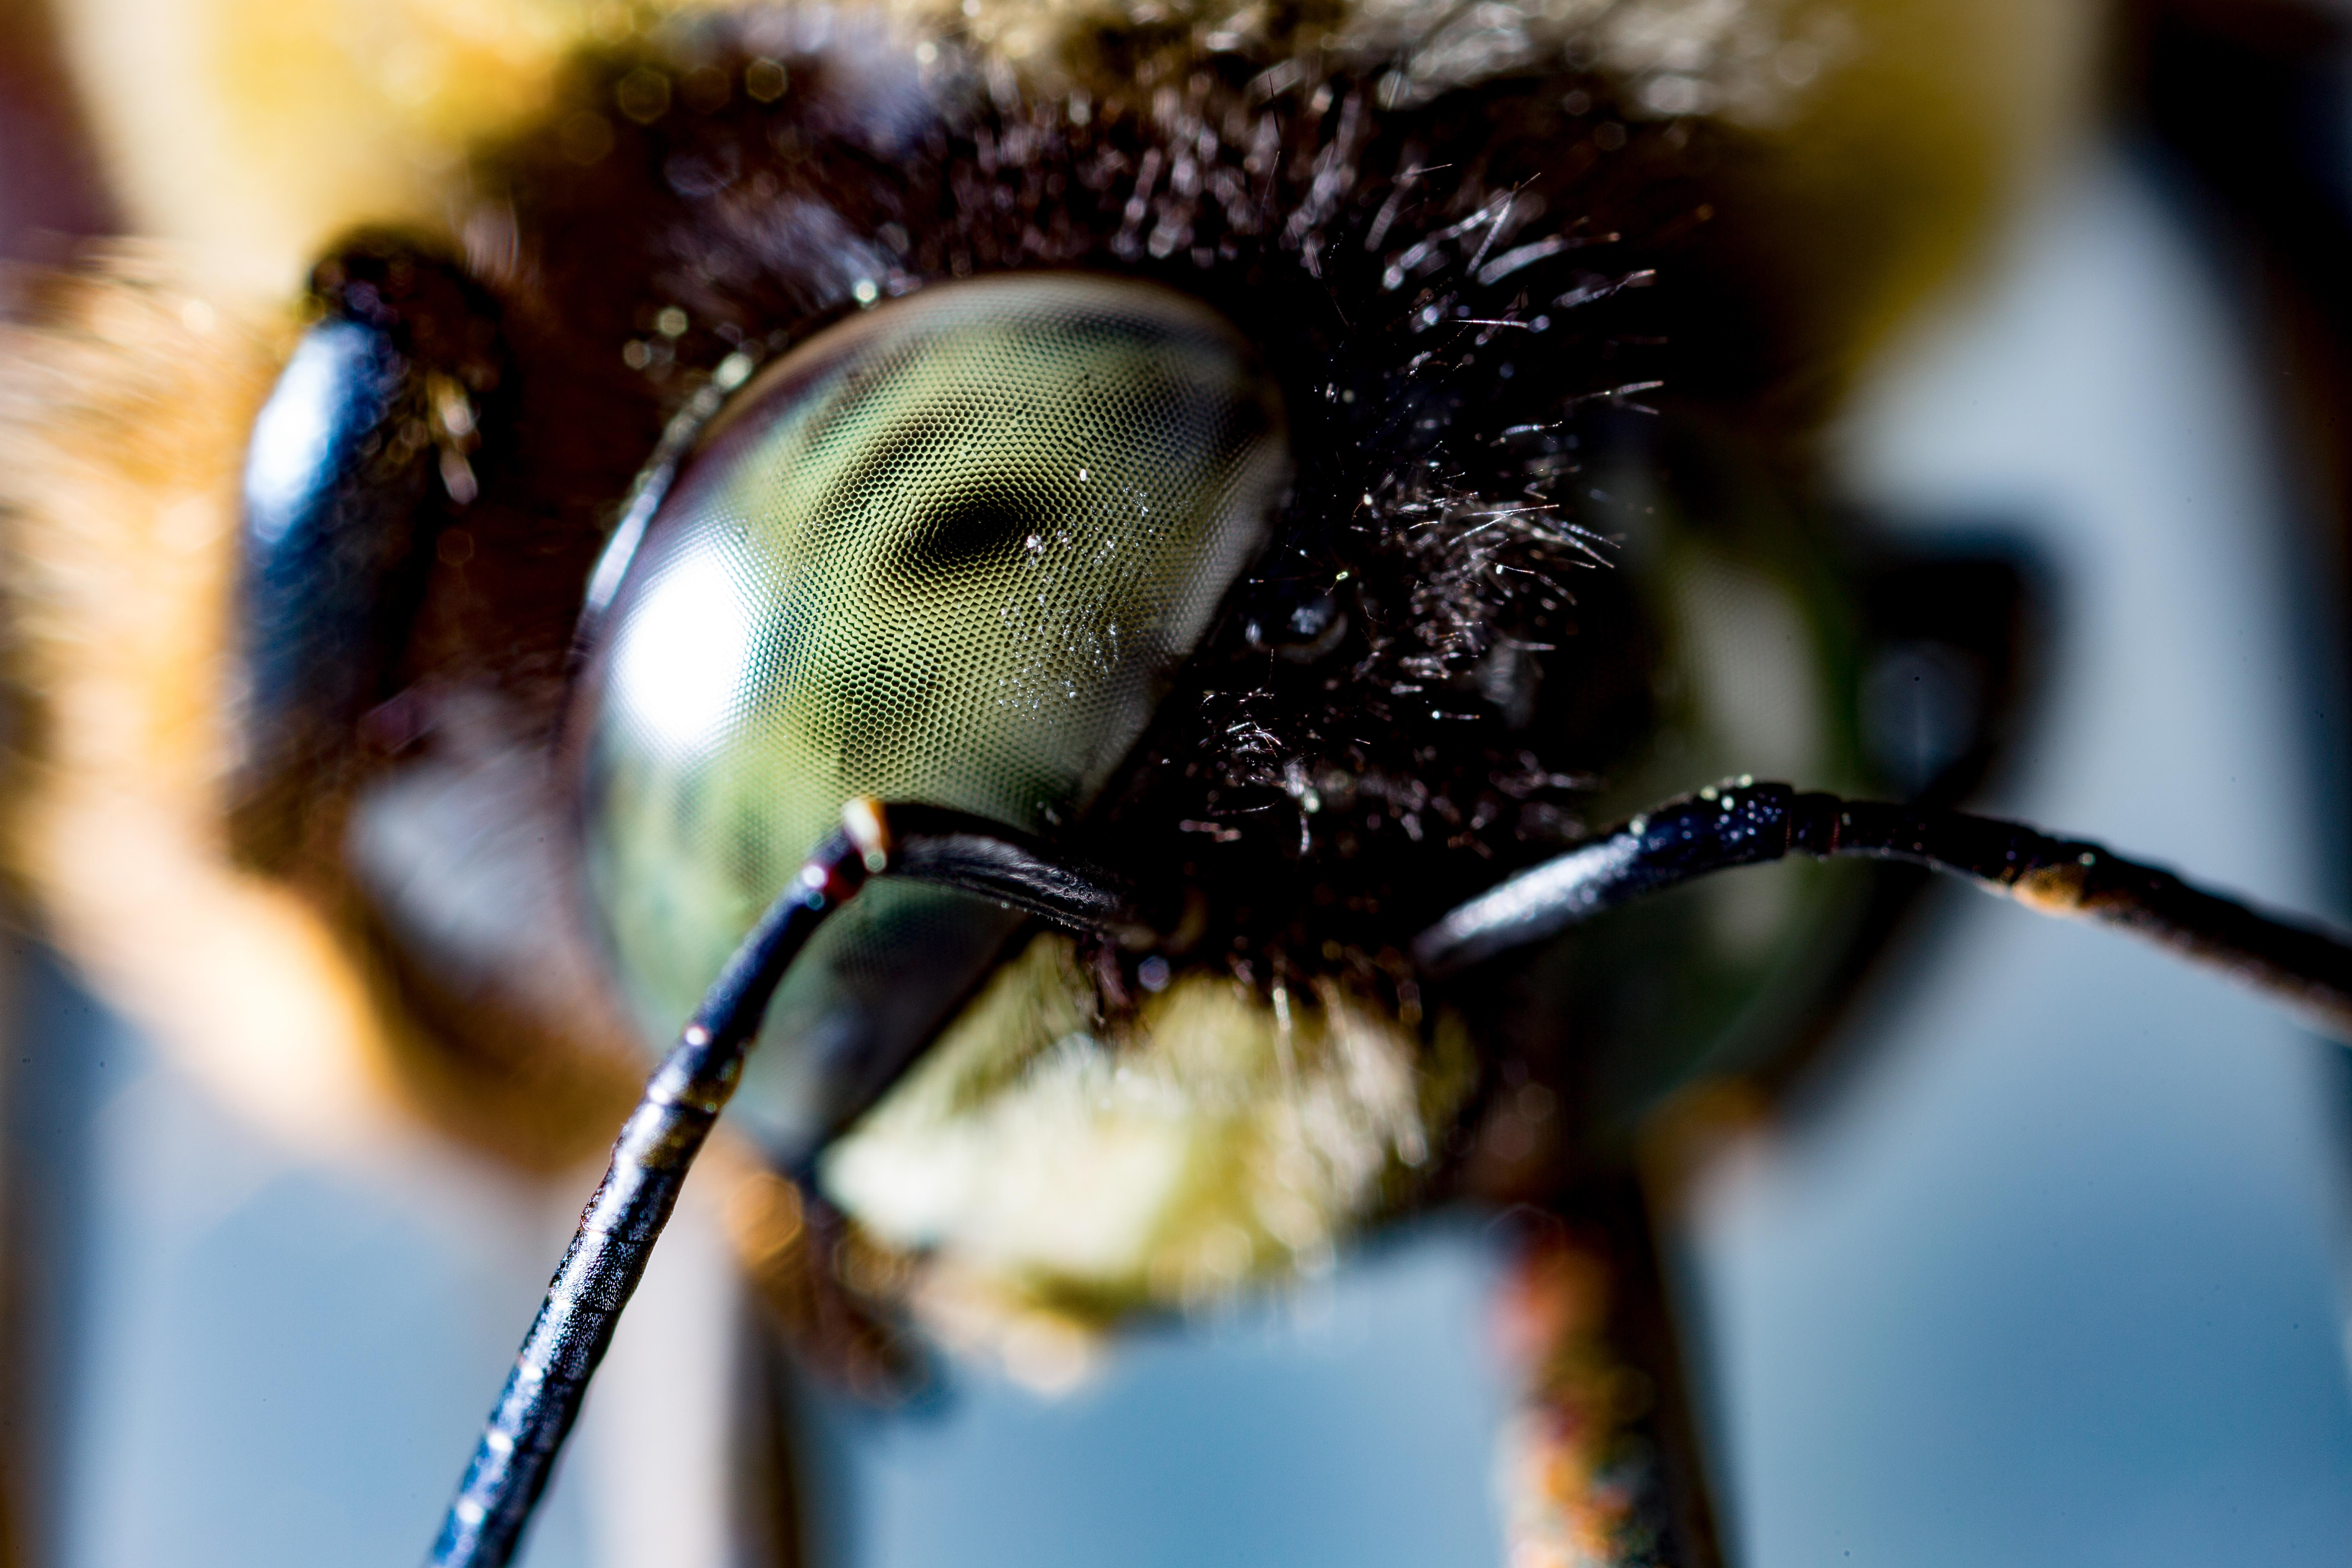 [OS] Carpenter Bee Eye (Xylocopa) [7488x4992]